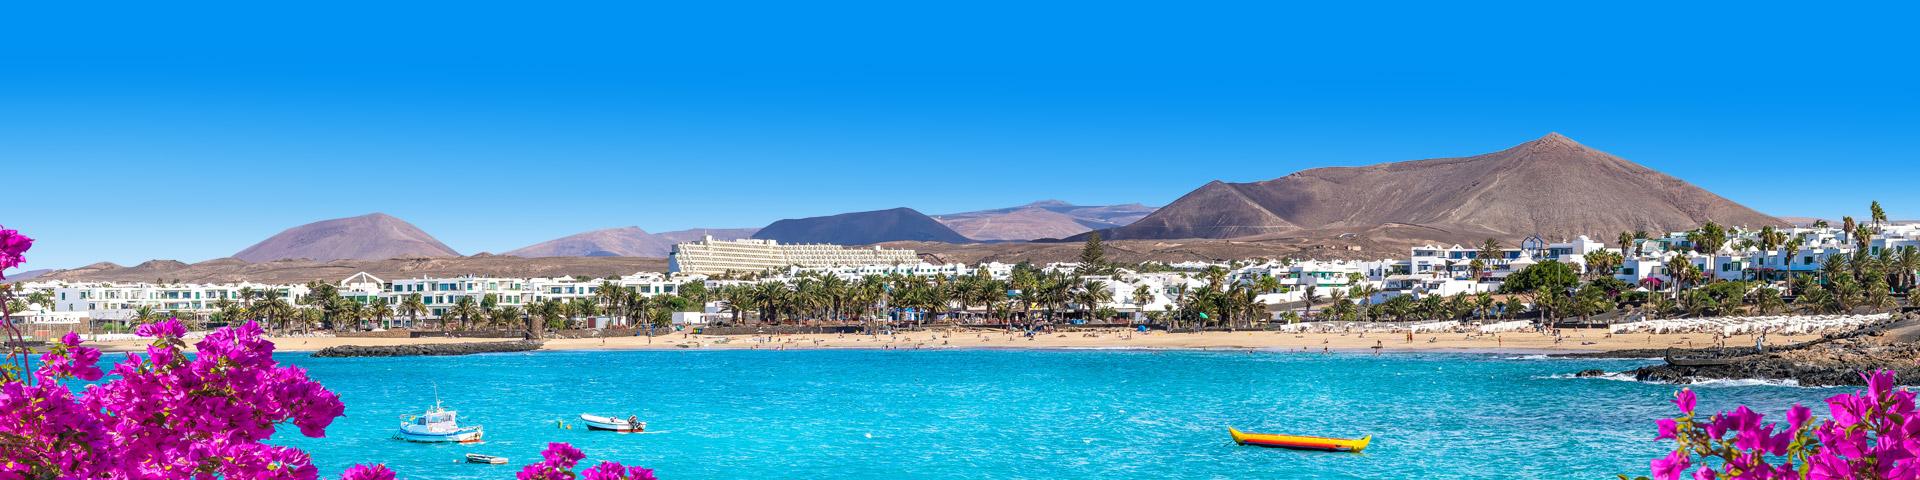 Uitzicht op de kust van Lanzarote met heuvellandschap en witte huisjes aan het strand